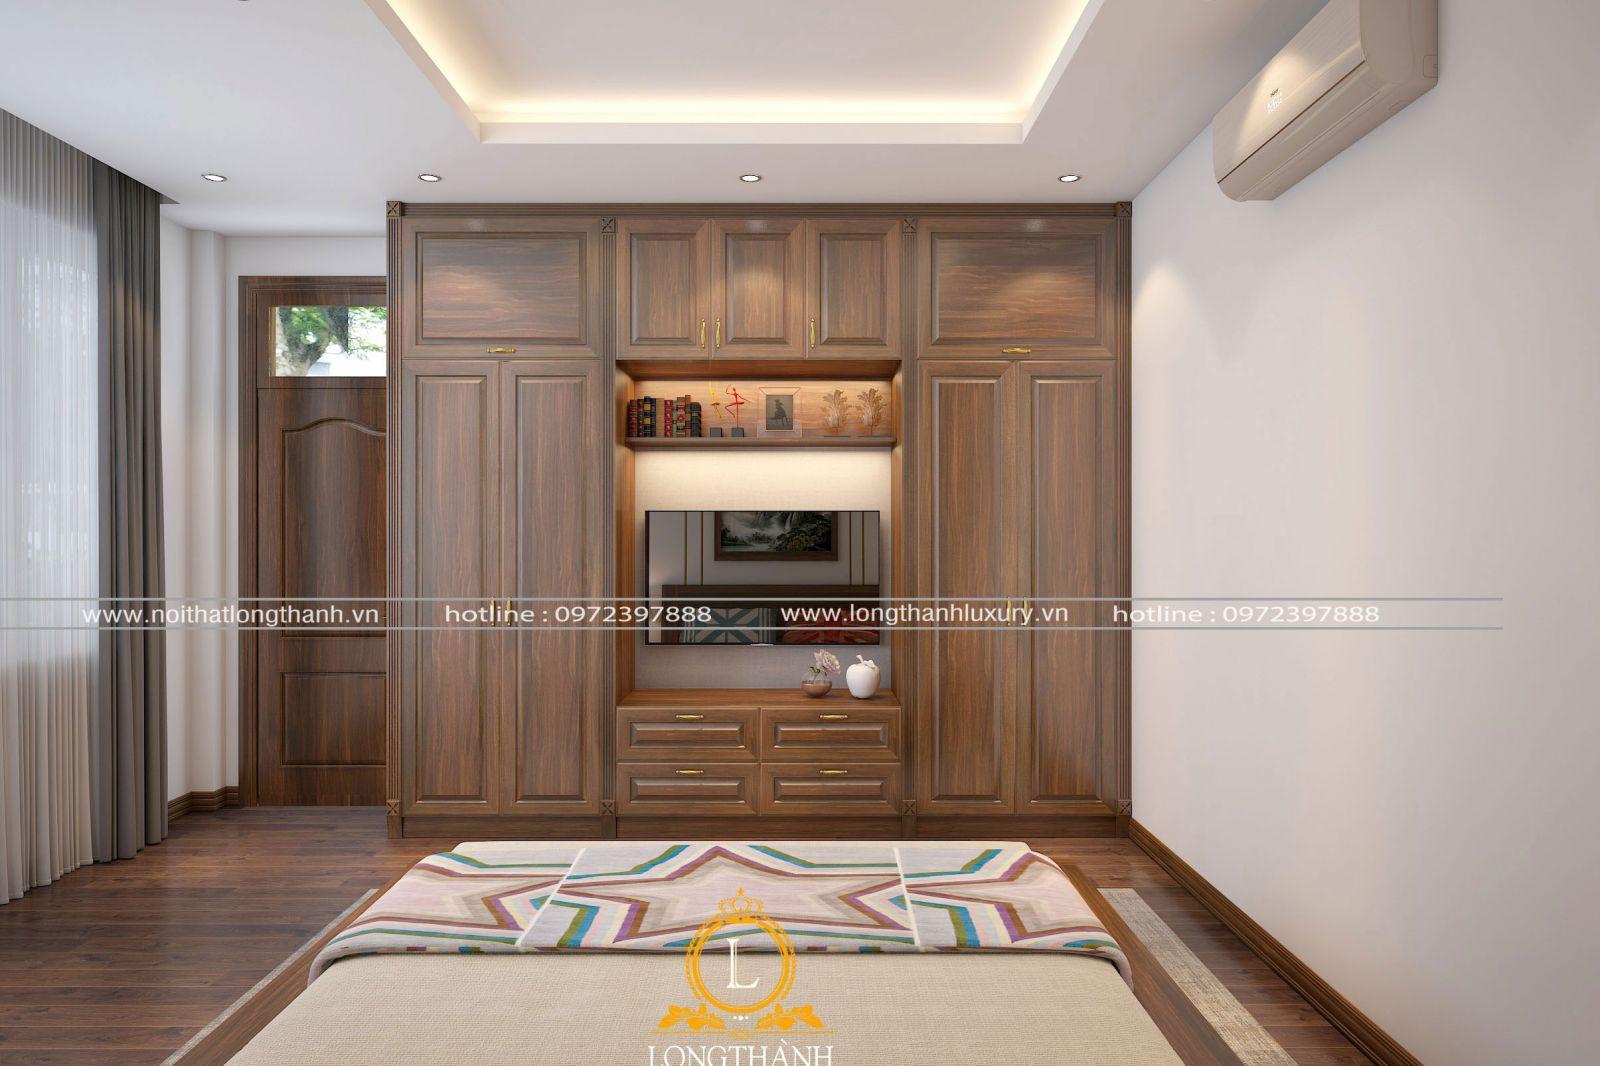 Tủ quần áo trong phòng ngủ hiện đại được thiết kế đơn giản